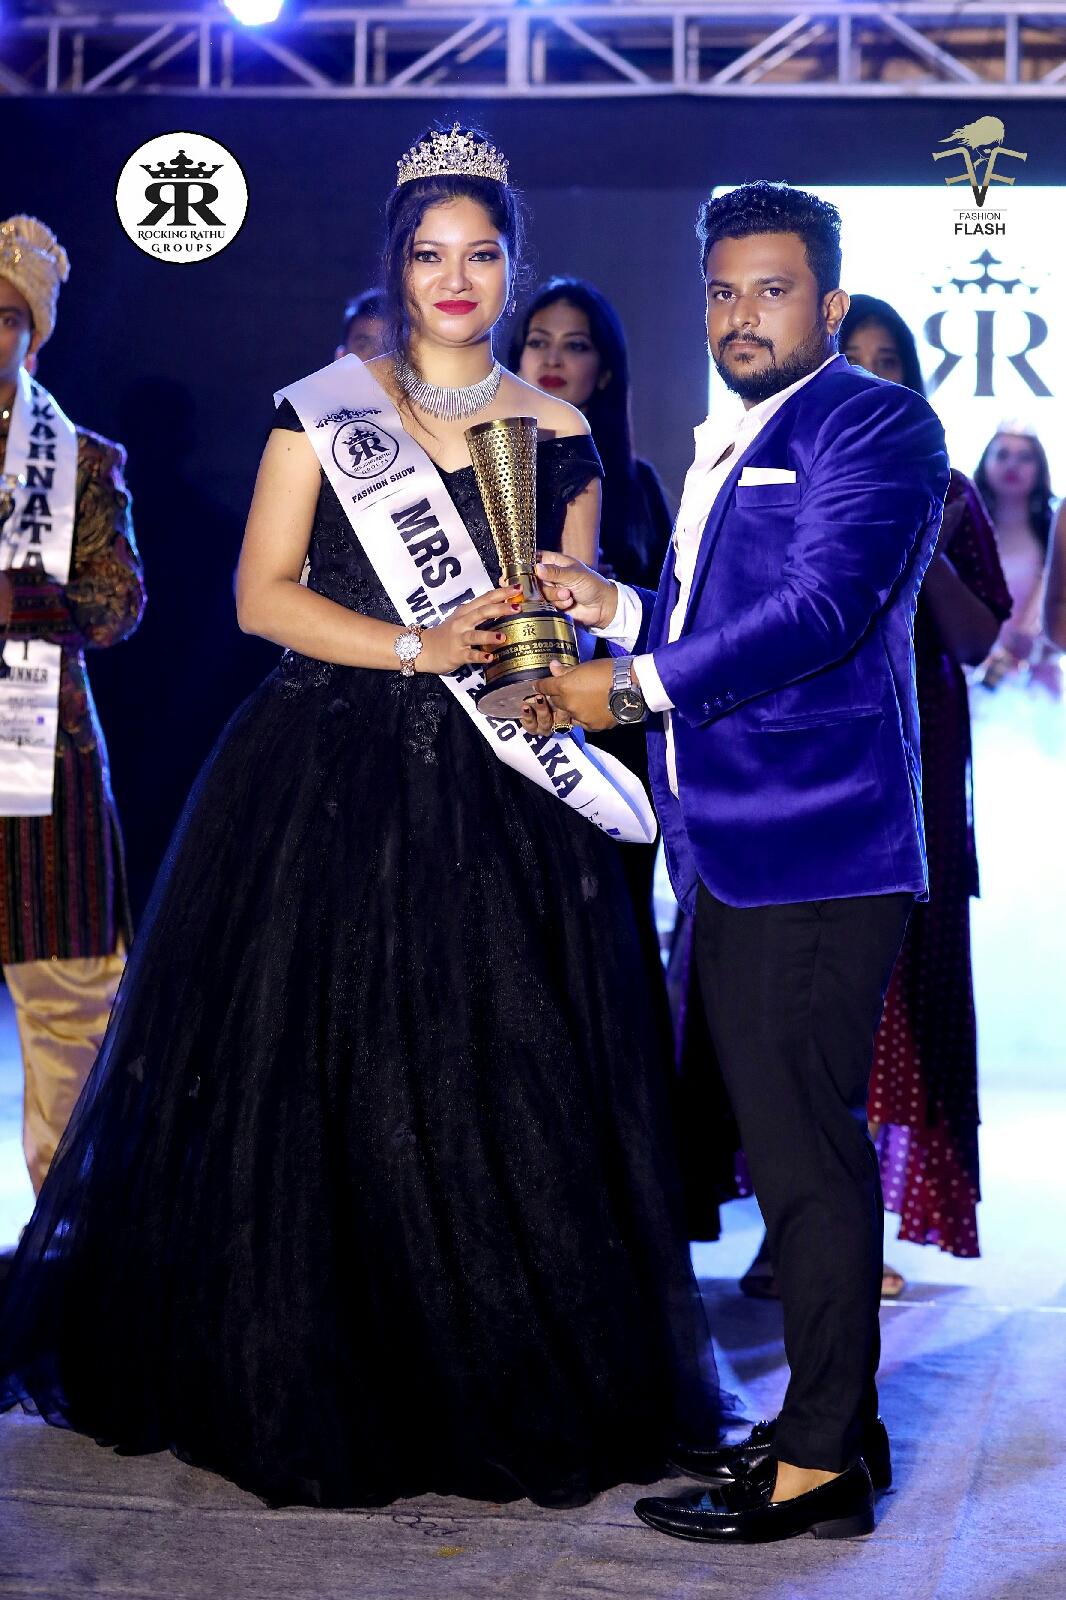 ಸುಳ್ಯದ  ಸುಪ್ರೀತಾ ಕೆ.ಎಸ್ ಅವರು ಮಿಸೆಸ್ ಕರ್ನಾಟಕ -2020 ಪ್ರಶಸ್ತಿಗೆ ಆಯ್ಕೆ